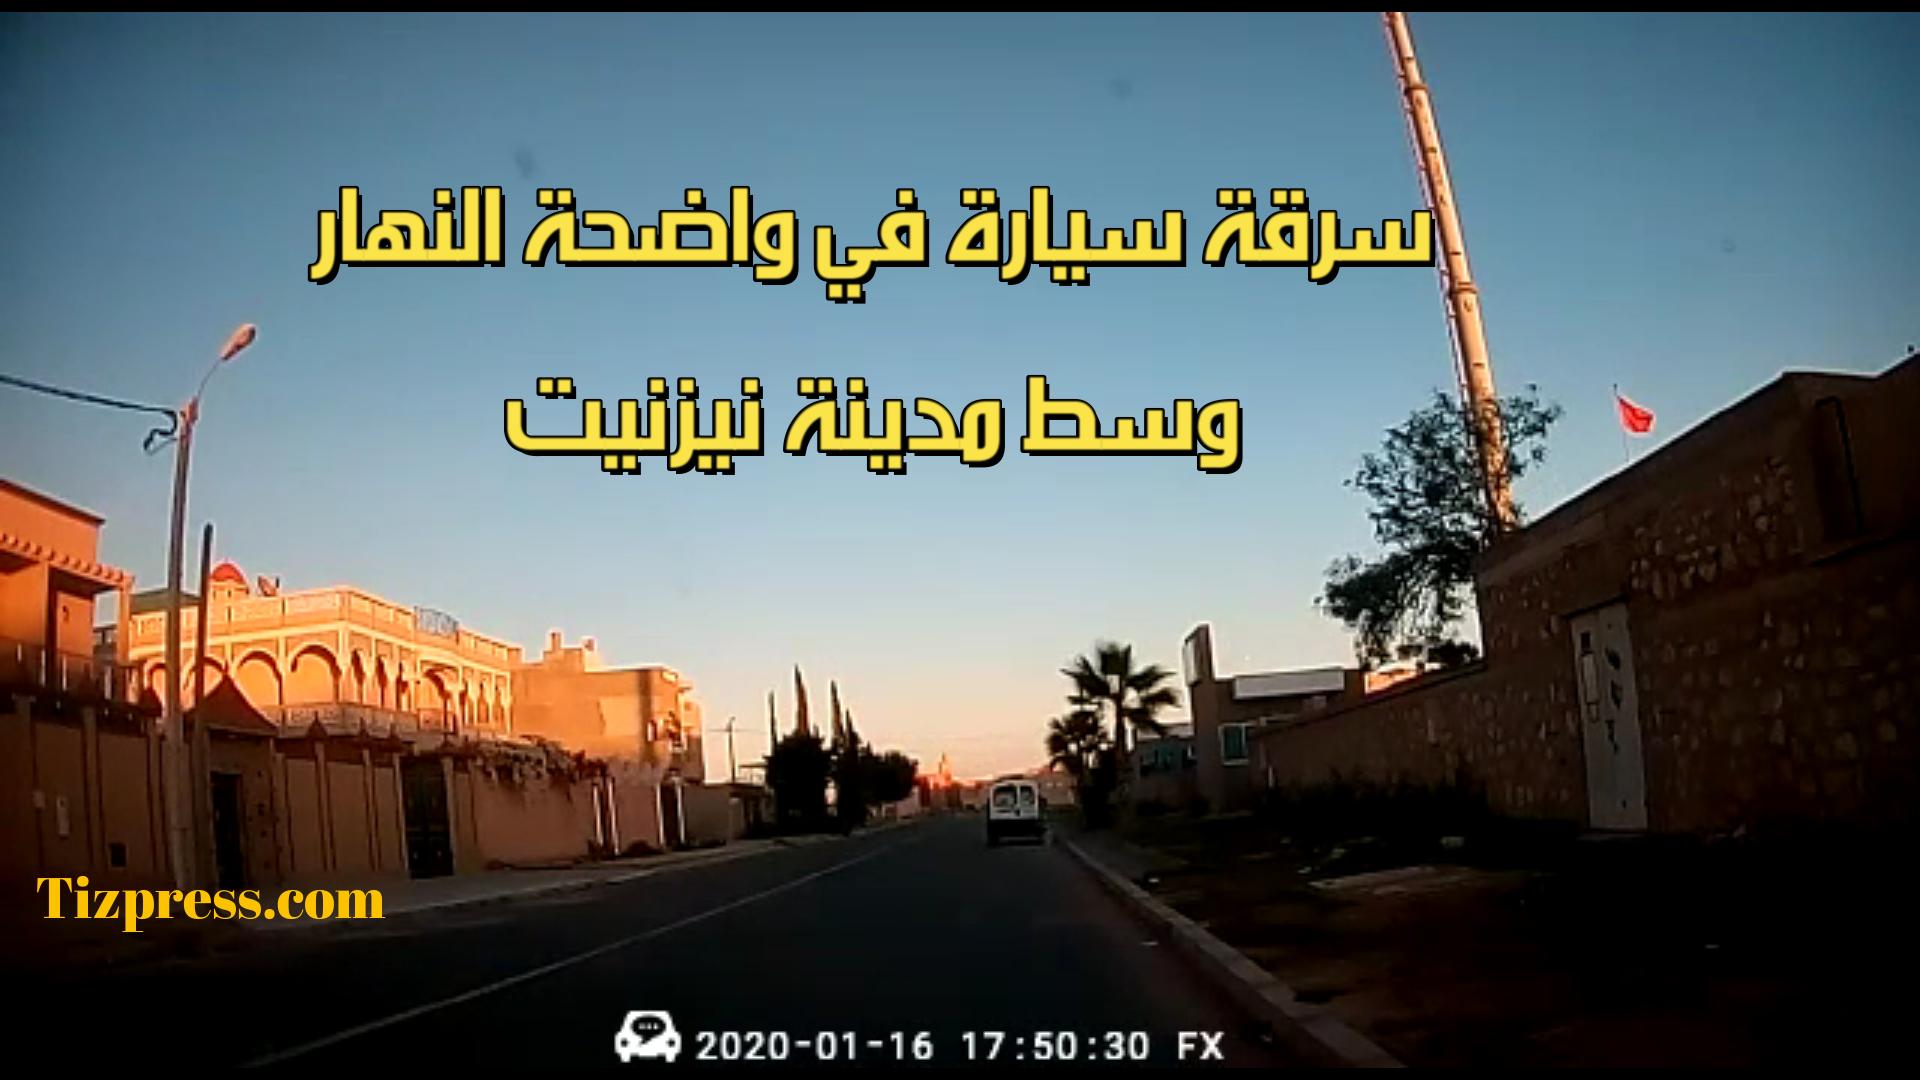 تيزنيت : بالفيديو .. سرقة سيارة في وضح النهار